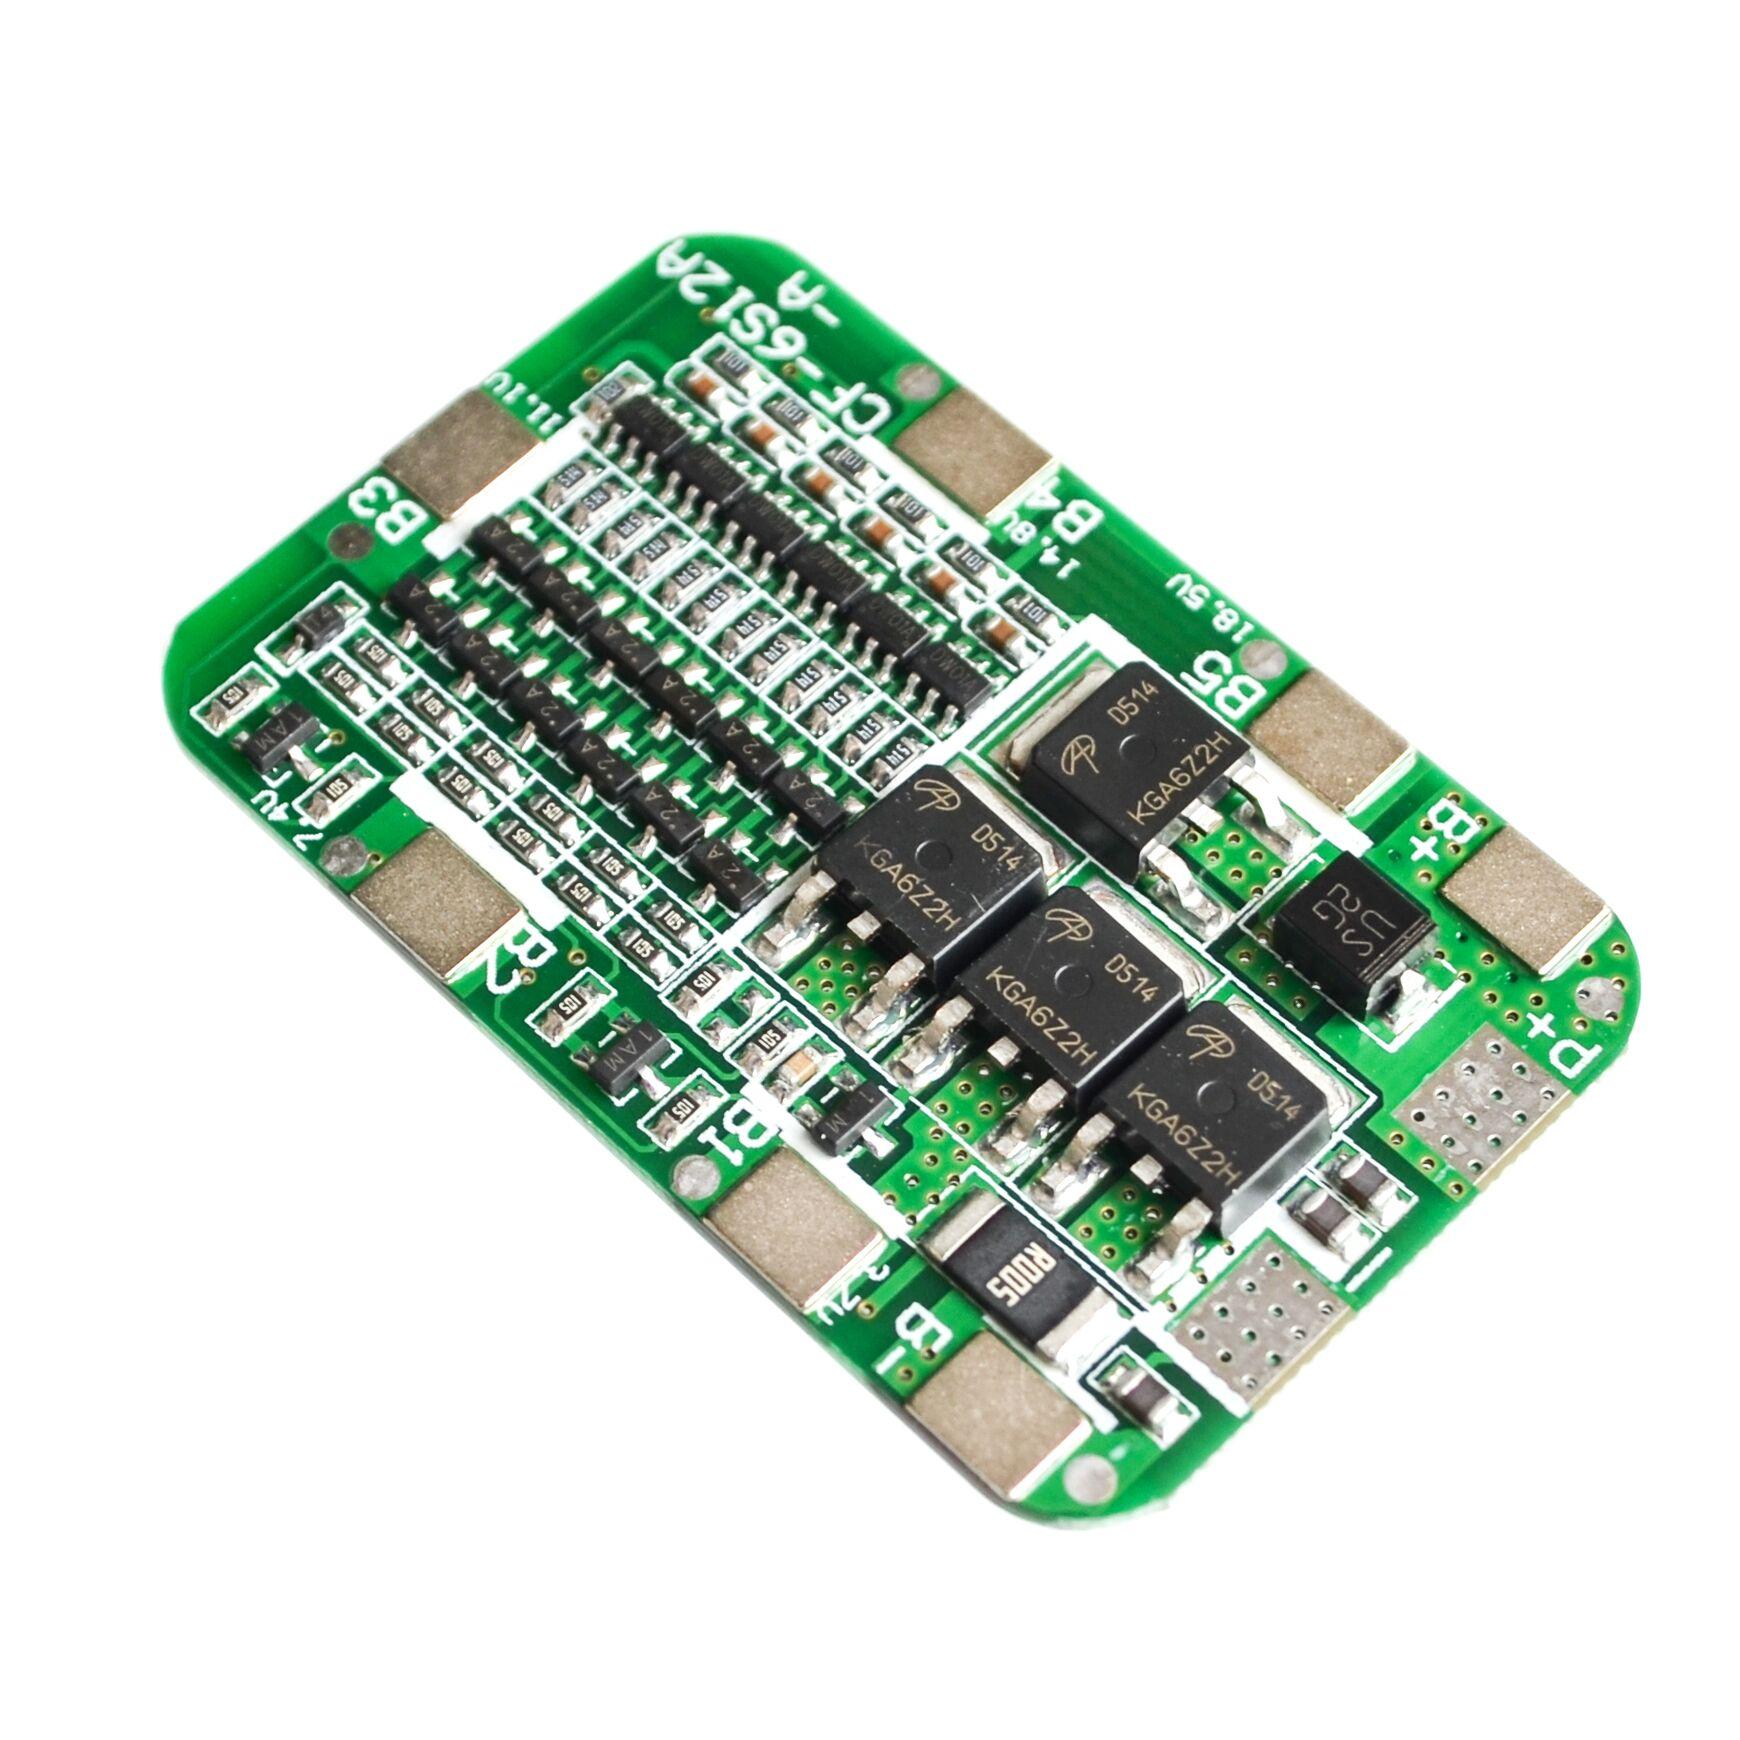 6S 15A 24V PCB плата защиты BMS для 6 упаковок 18650 литий ионная литиевая батарея|Промышленные компьютеры и аксессуары|   | АлиЭкспресс